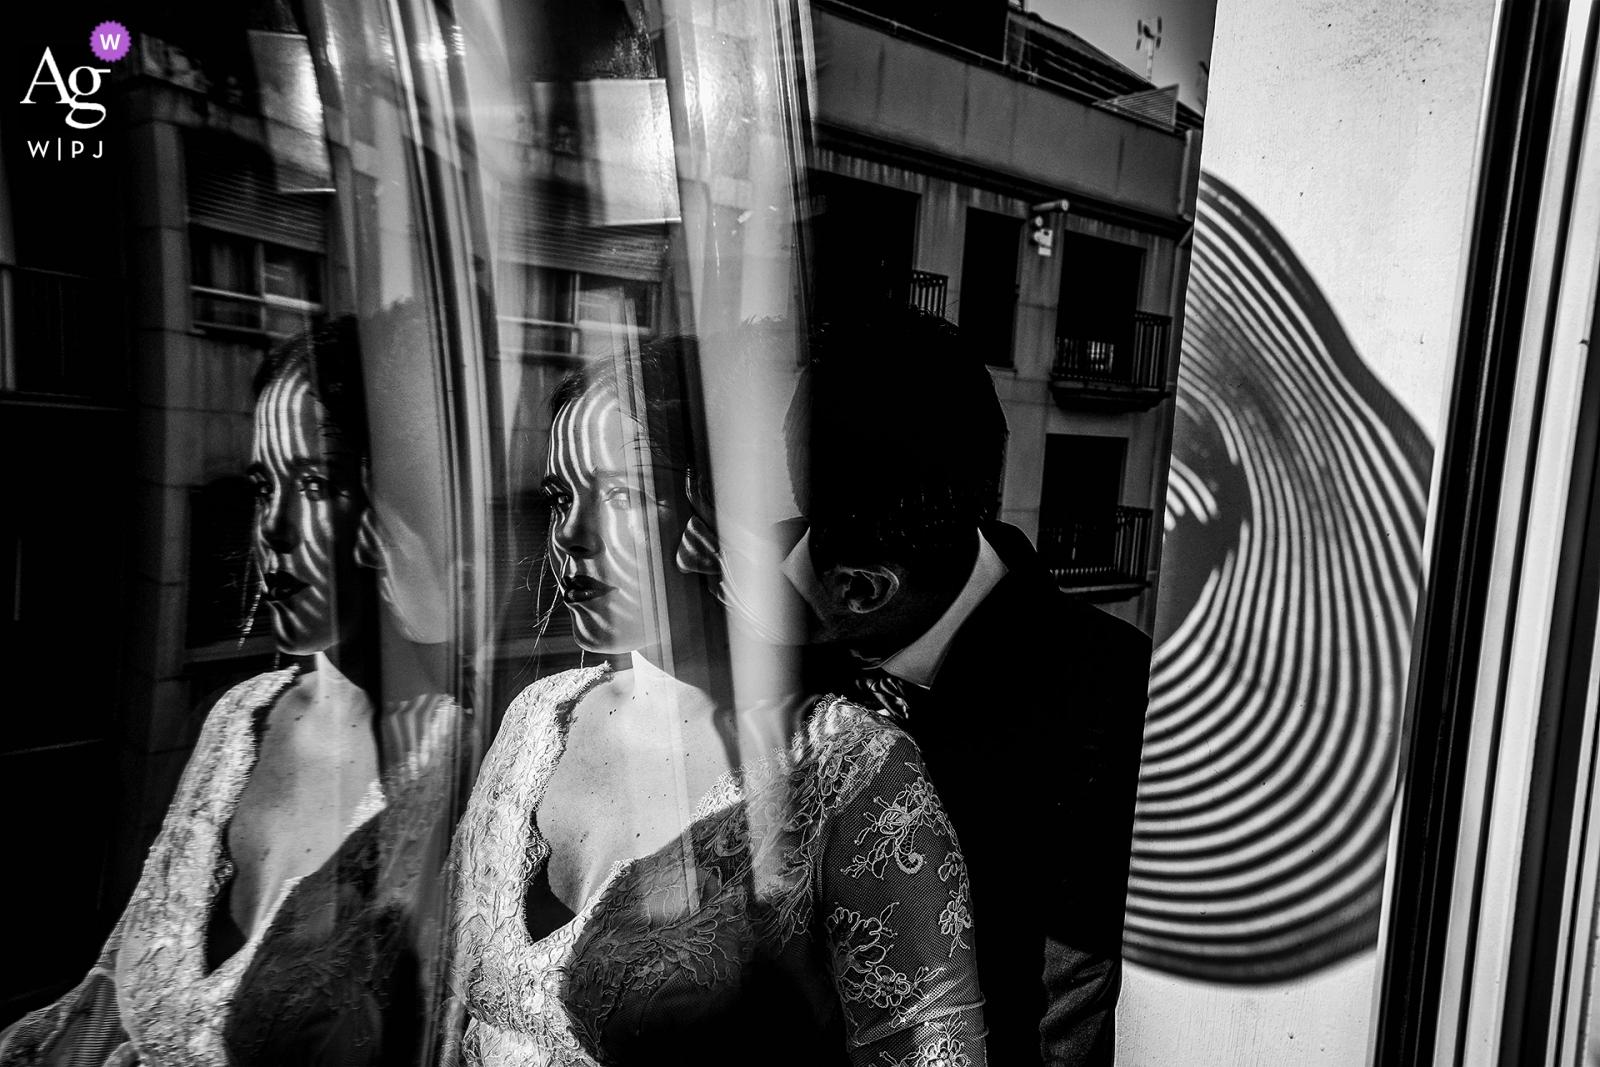 Mariée et le marié de la Puerta De Jeronimos dans une pièce ensoleillée, tirant à travers une vitre le jour de leur mariage